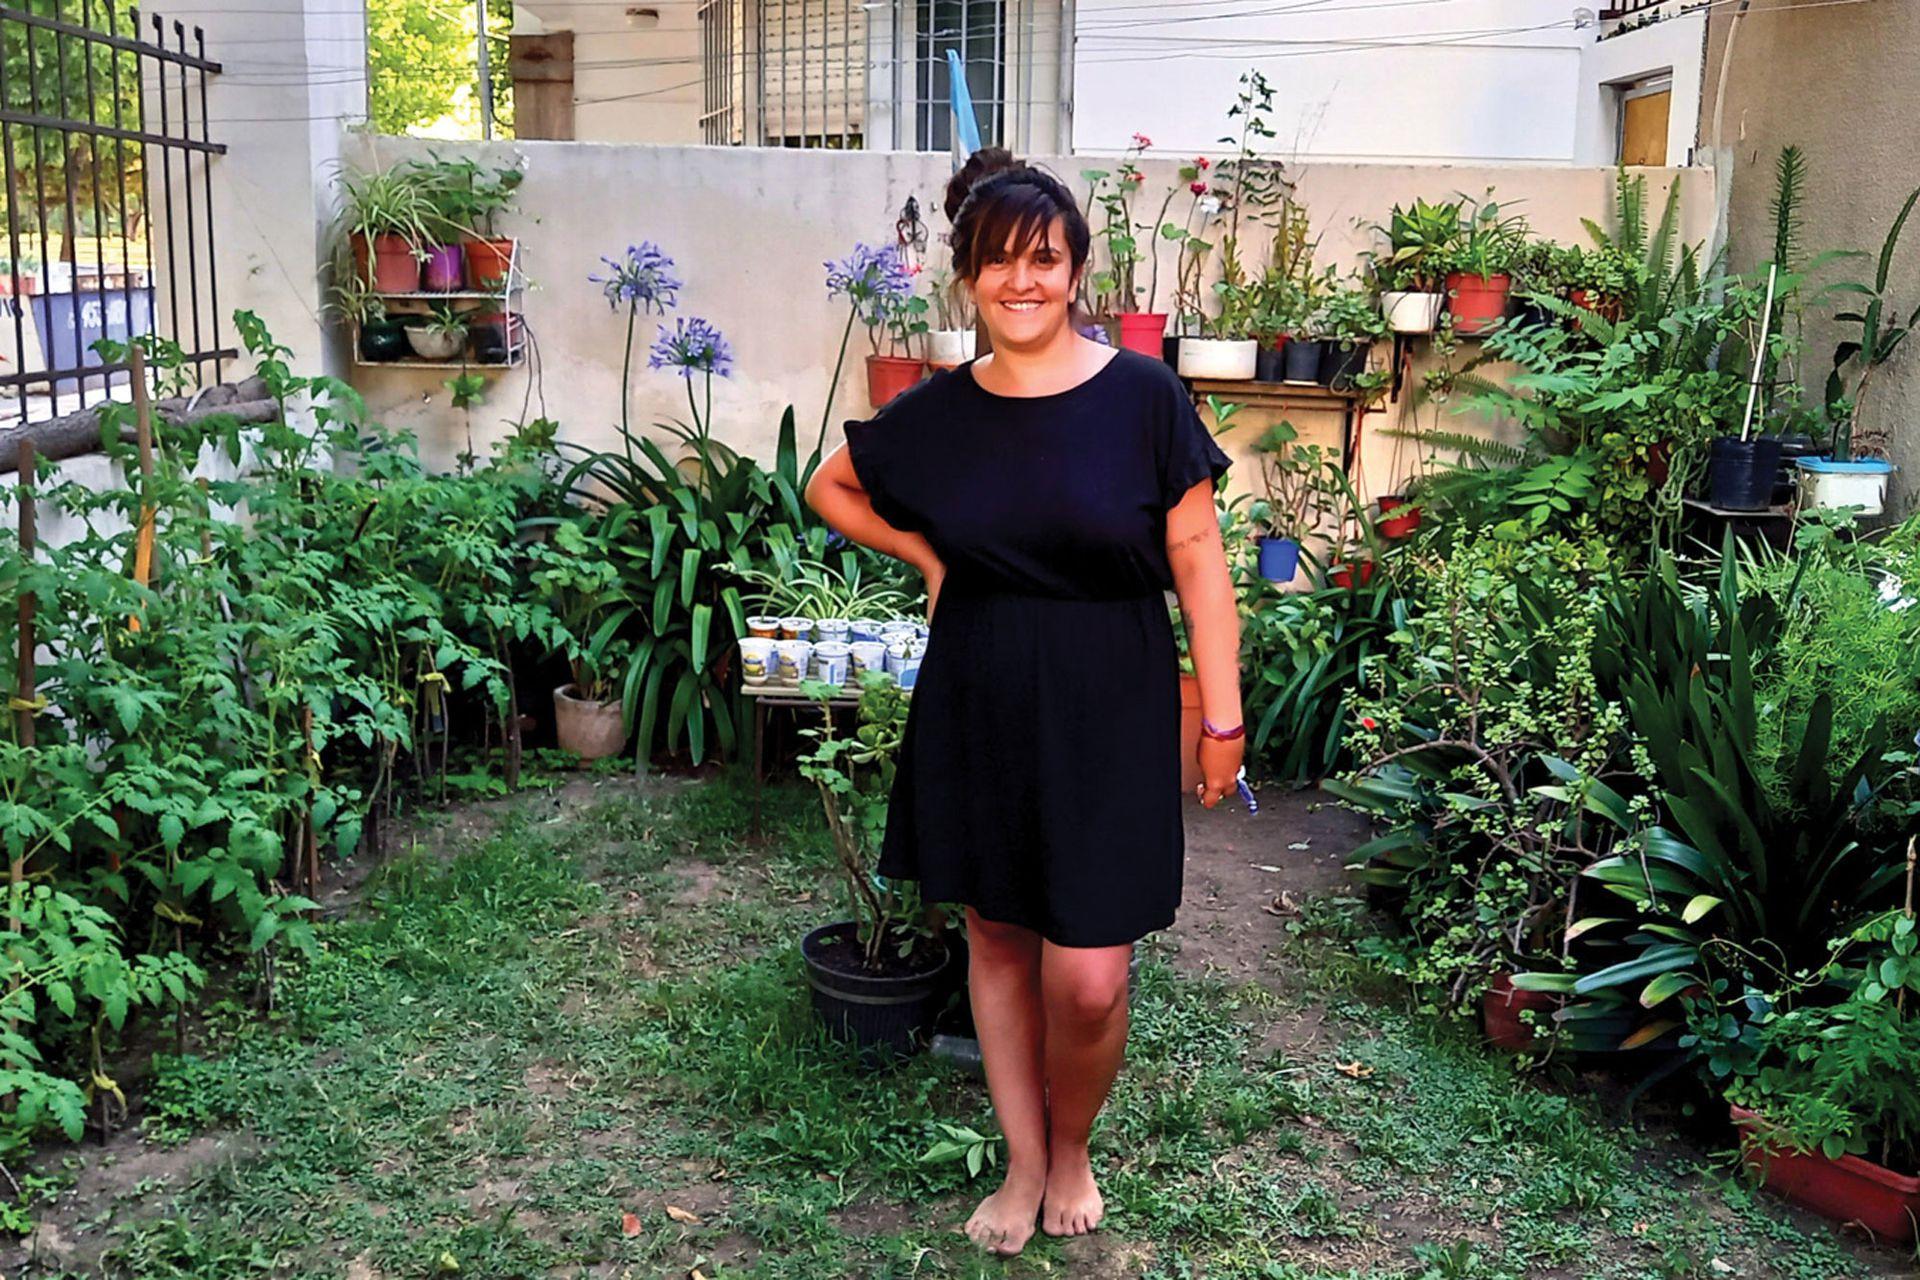 El jardín de una mujer. Así tituló este posteo en su cuenta de Instagram. El autor cuenta que el jardín queda frente al parque San Martín y recrea el diálogo que tuvo con su dueña, Debra.